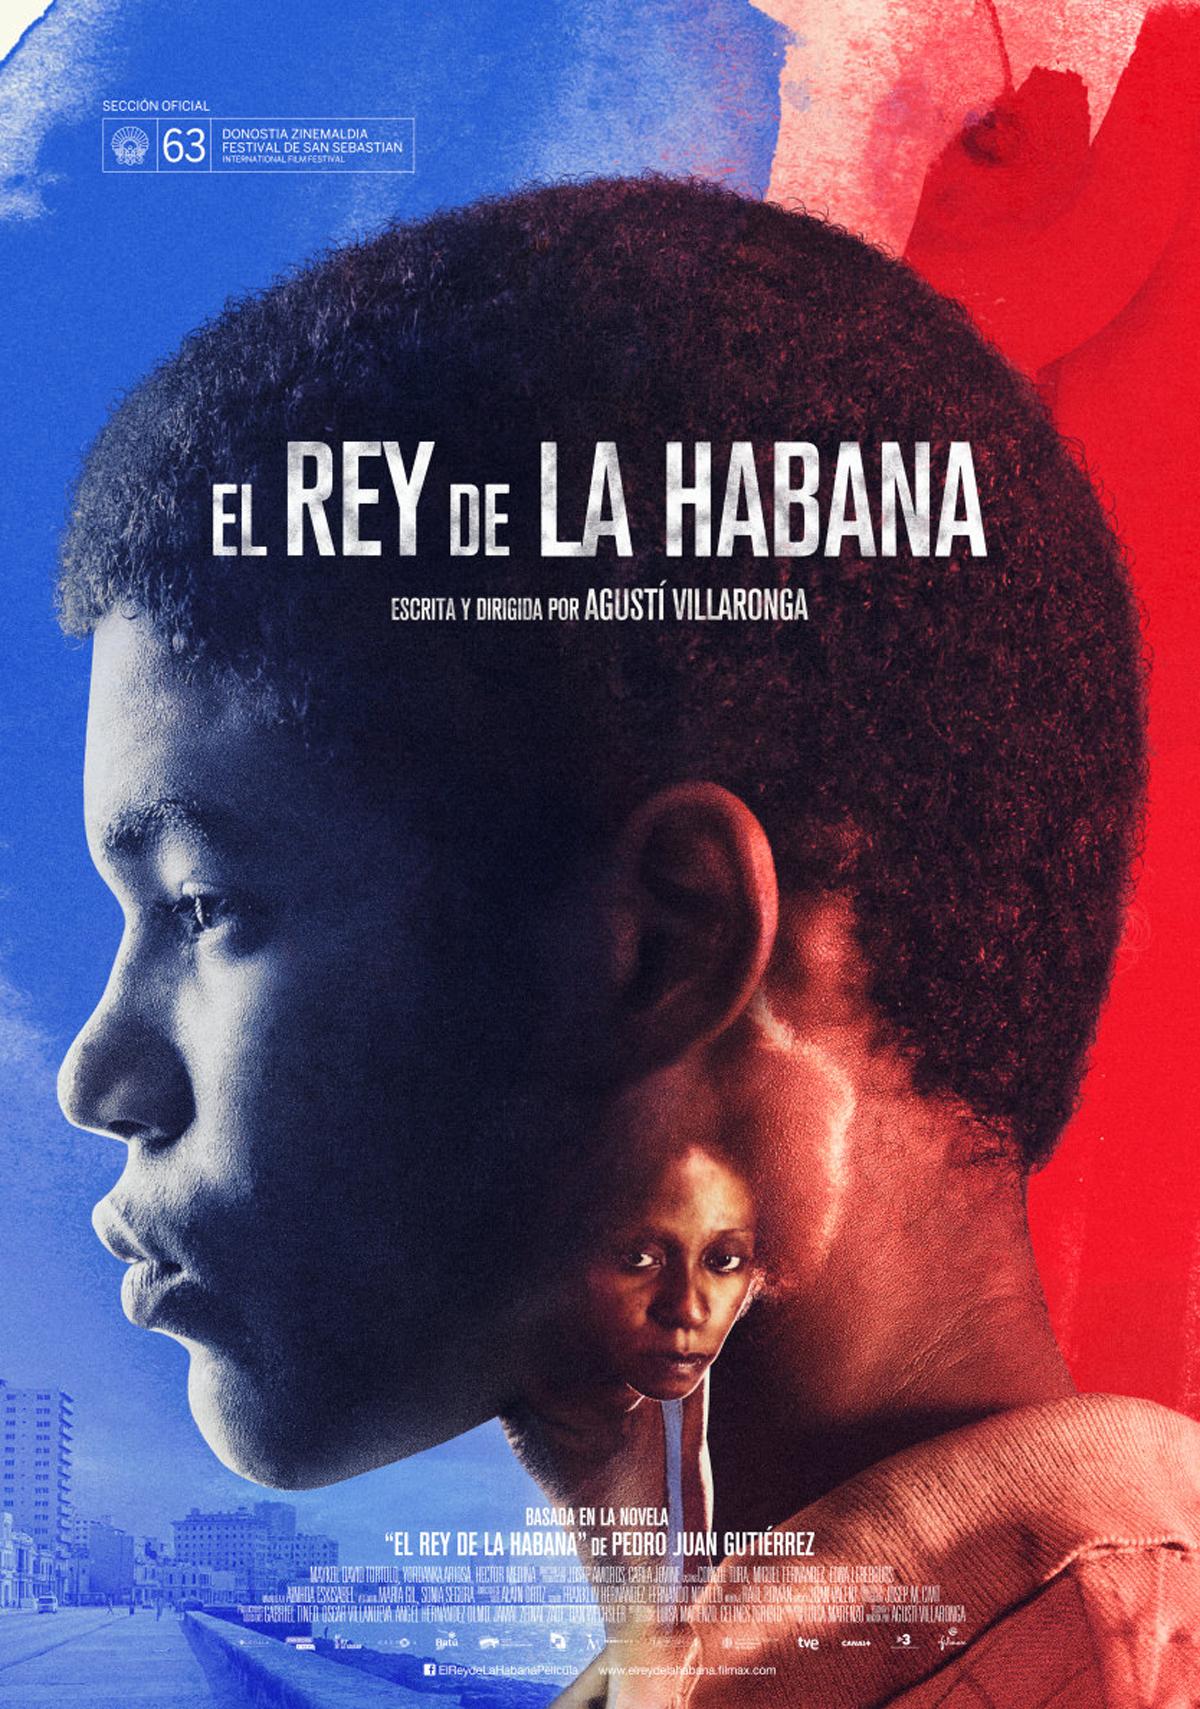 El rey de la Habana - Película 2015 - SensaCine.com